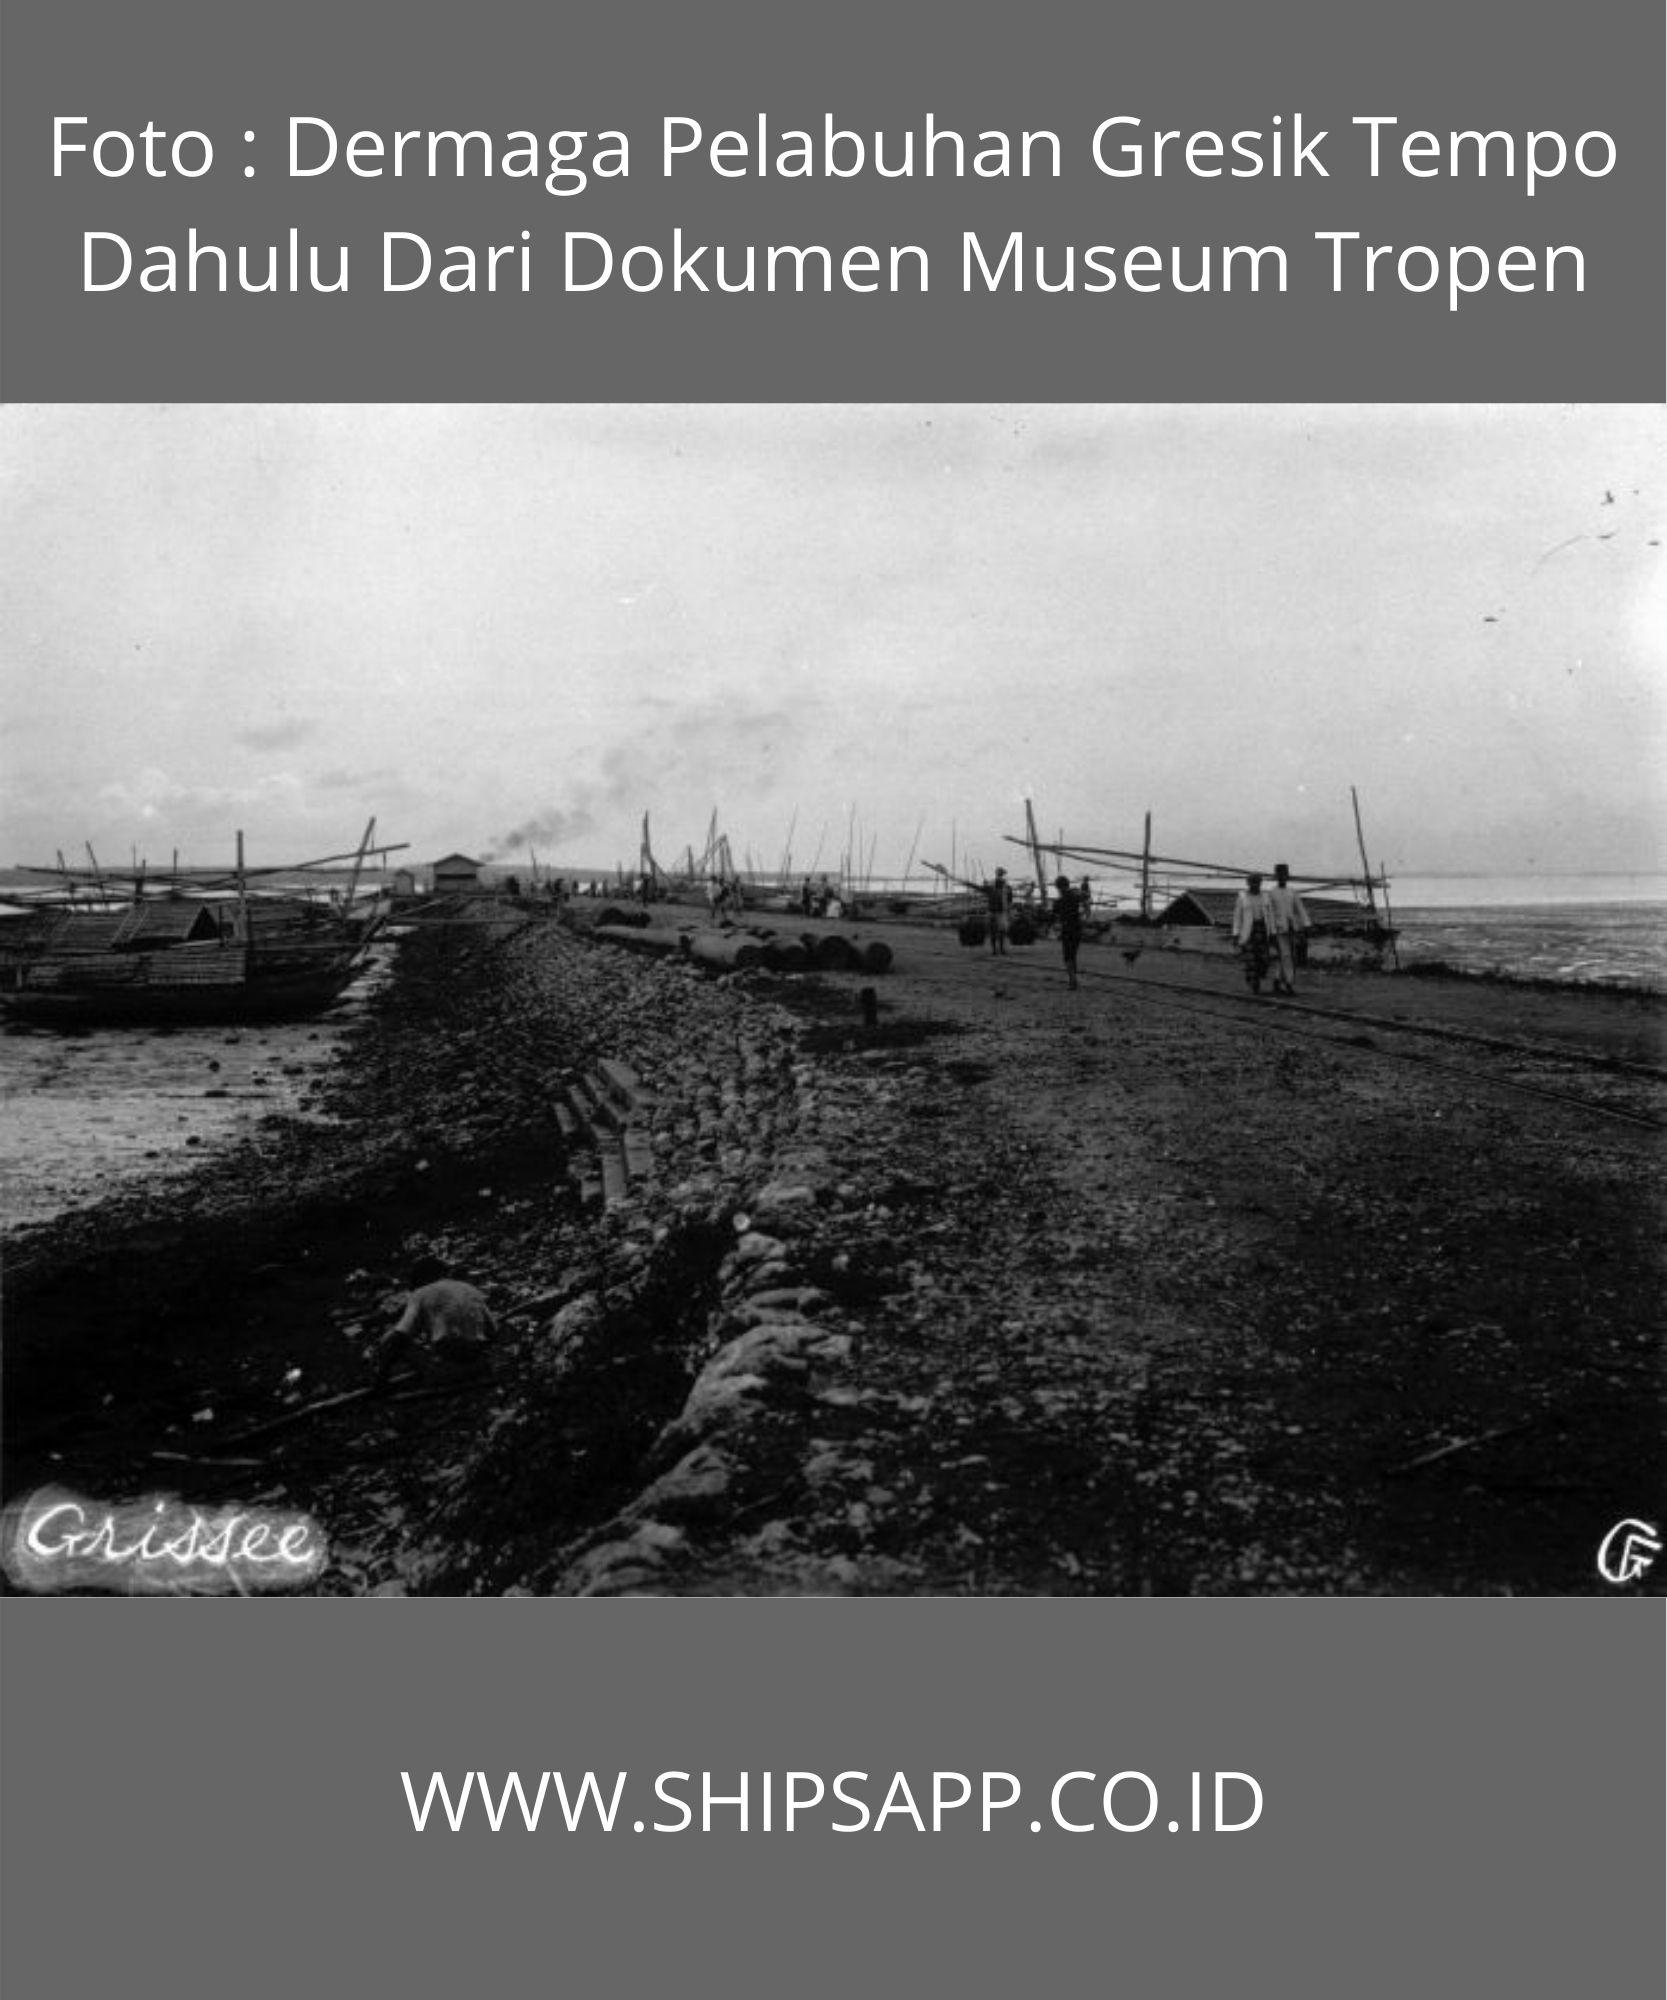 Sejarah Pelabuhan Gresik